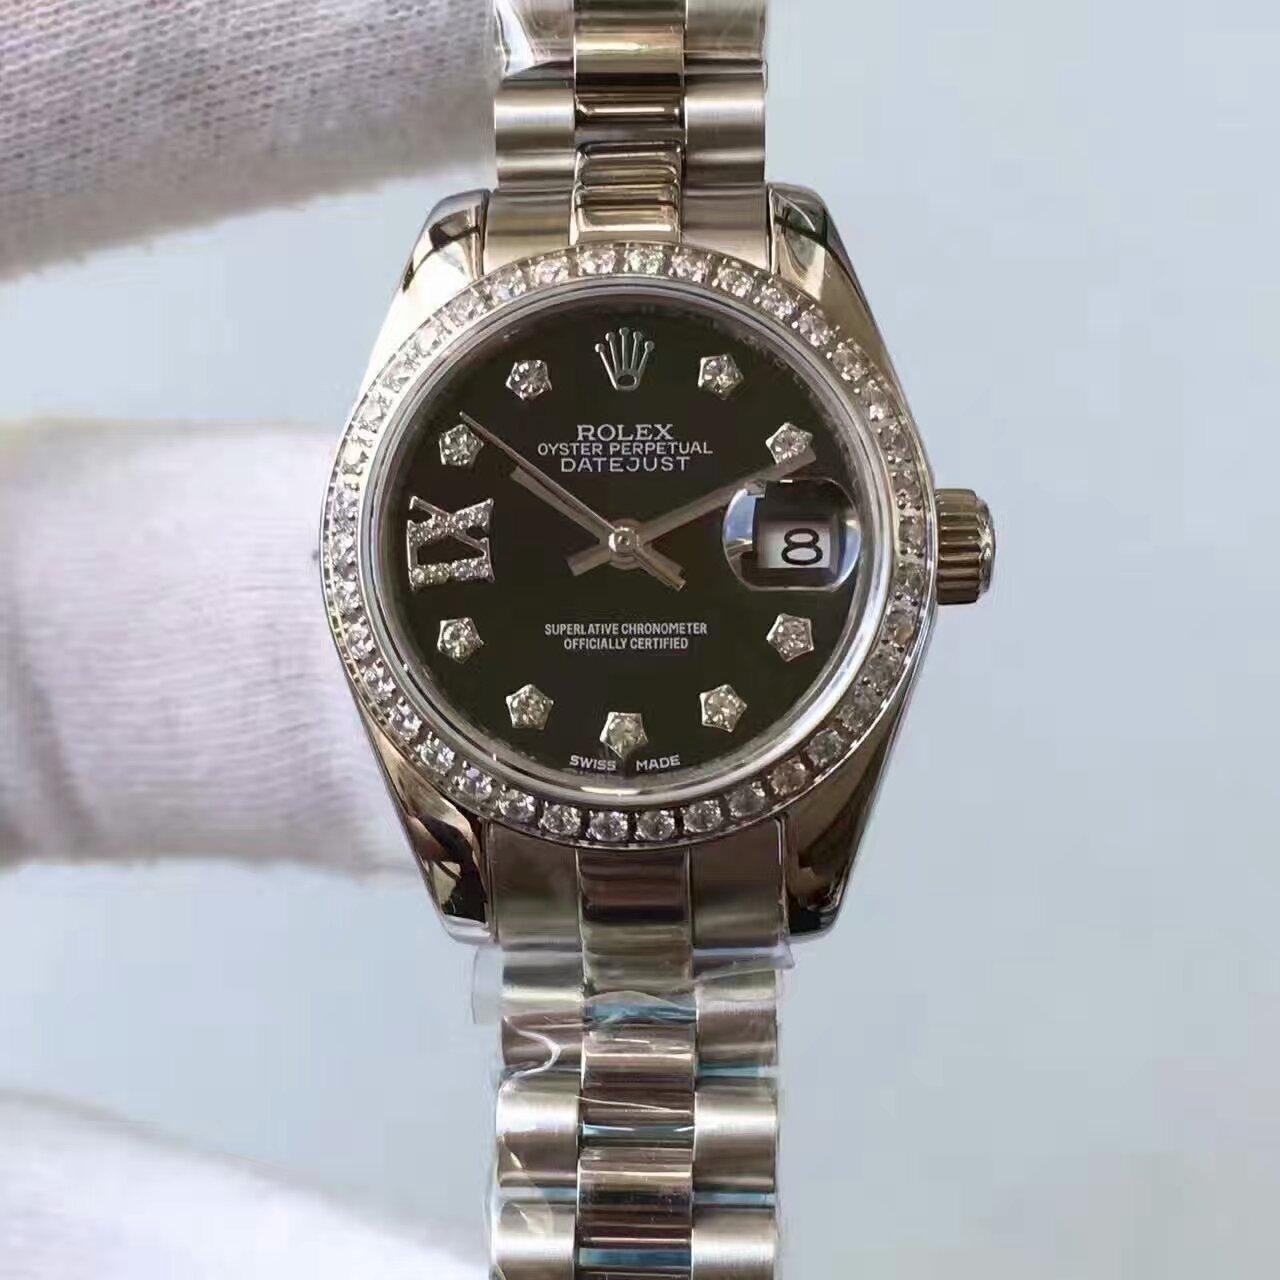 【台湾厂一比一复刻手表】劳力士女装日志型系列黑色表盘腕表价格报价